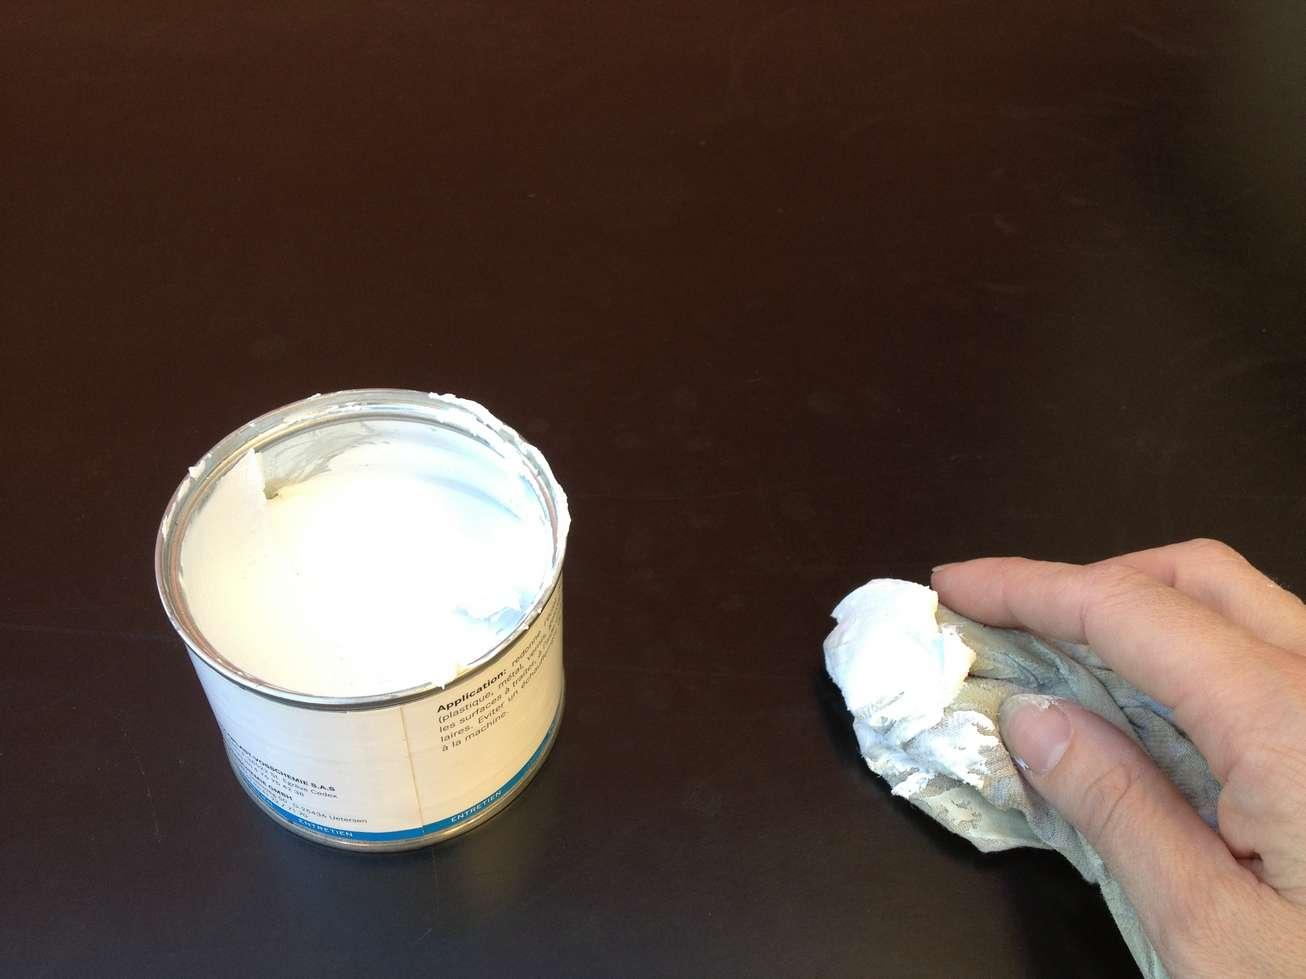 day-birger-mikkelsen-home-pate-polir-mobilier-table-resine-galerie-kreo-polish-art-restauration-restaurarte.jpg